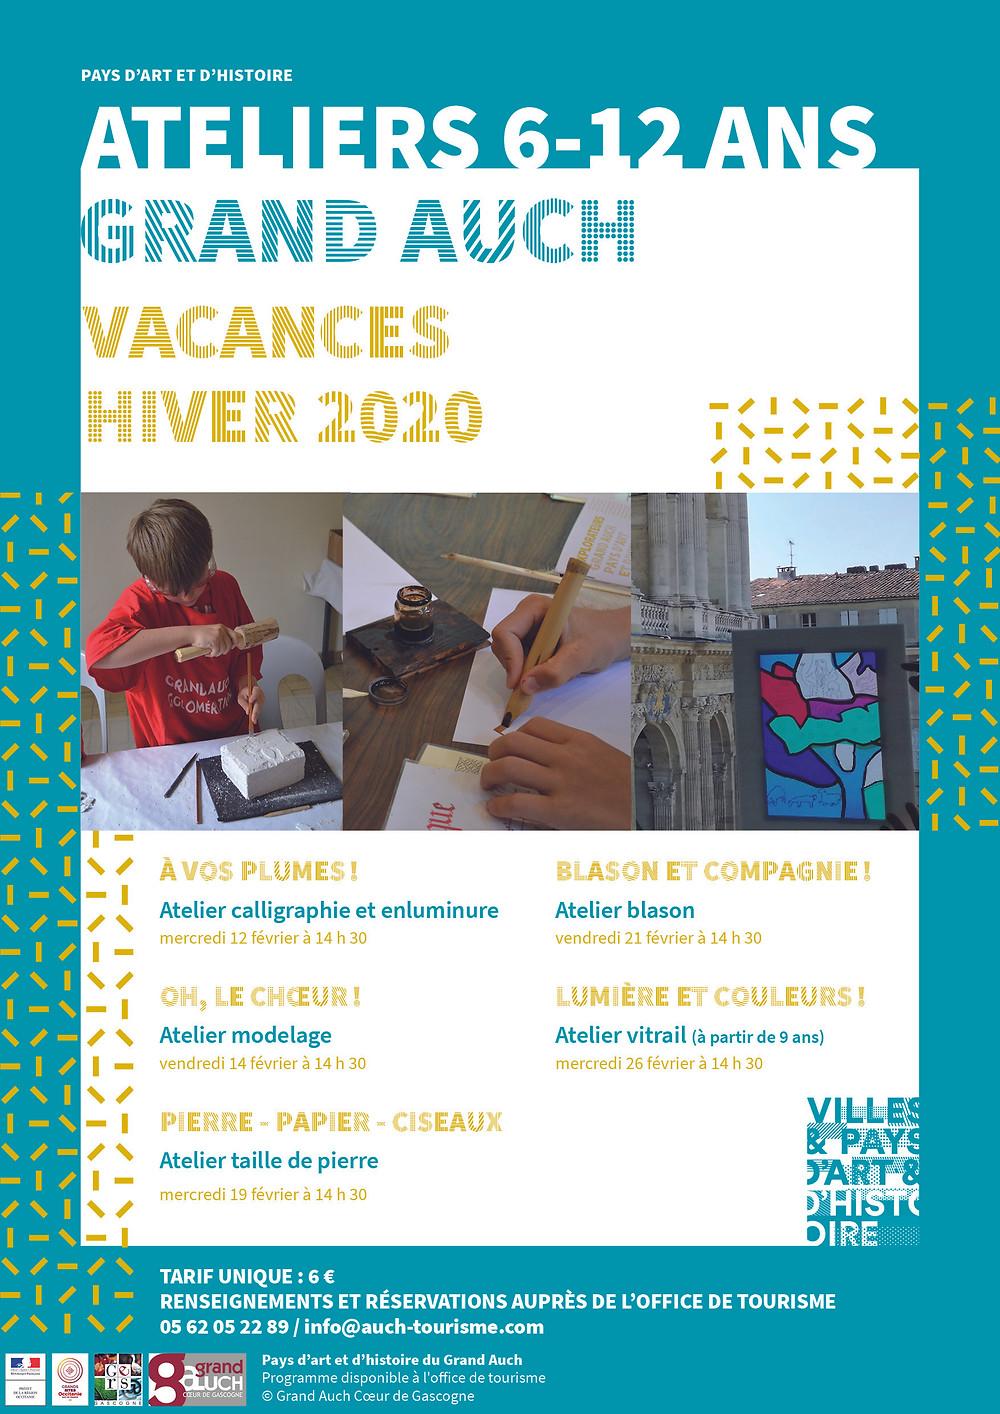 ateliers 6-12 ans vacances d'hiver 2020